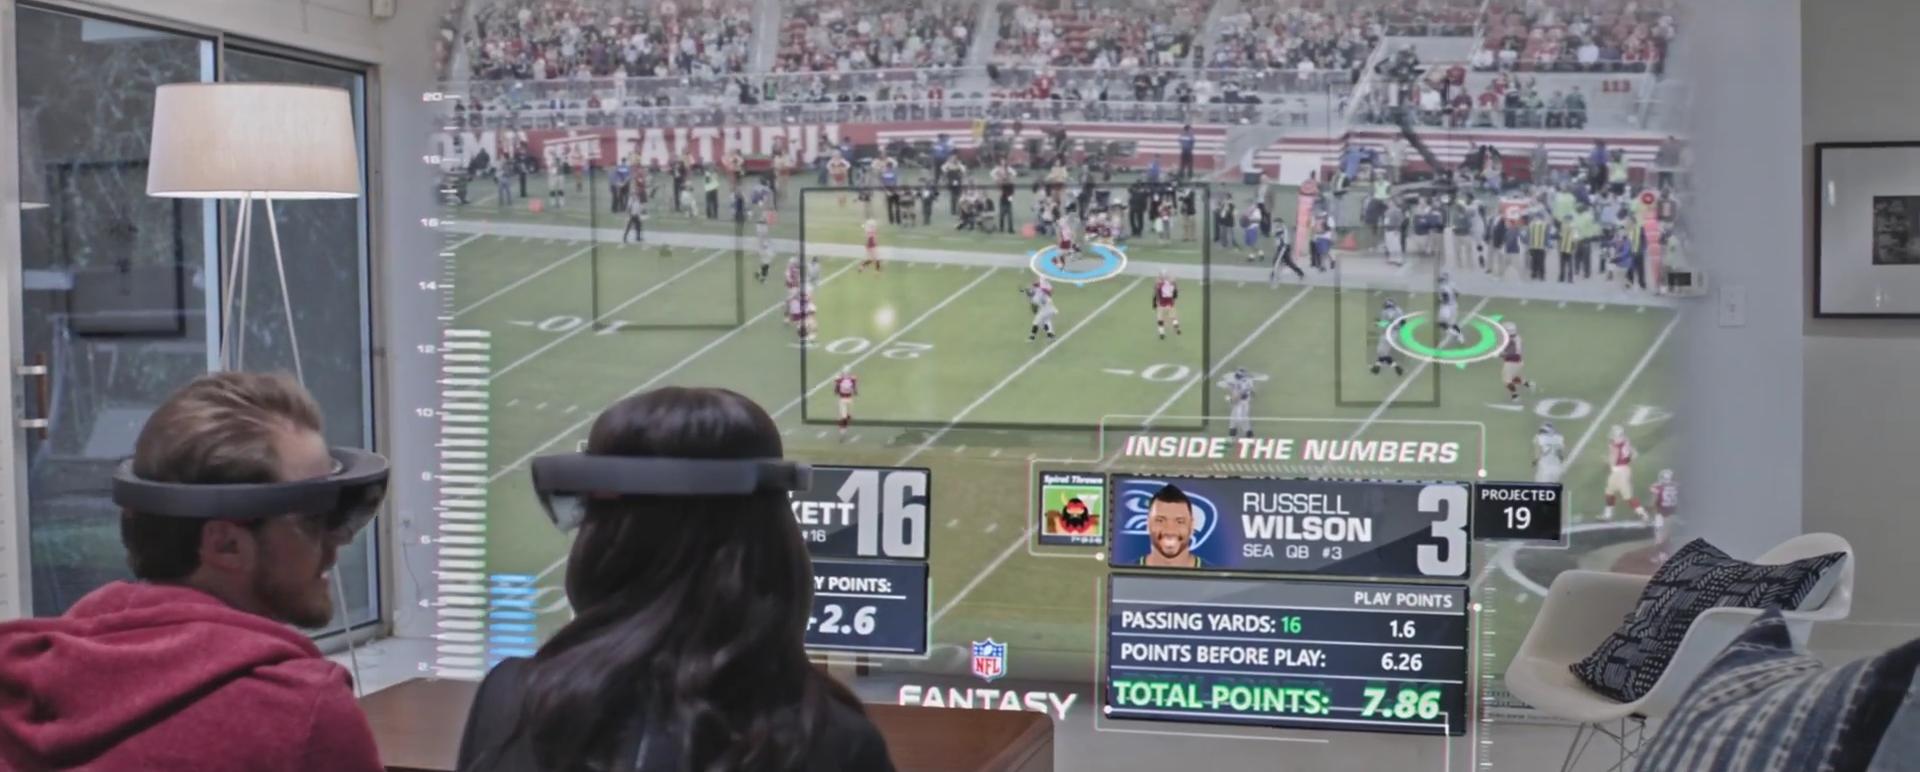 Super Bowl HoloLens